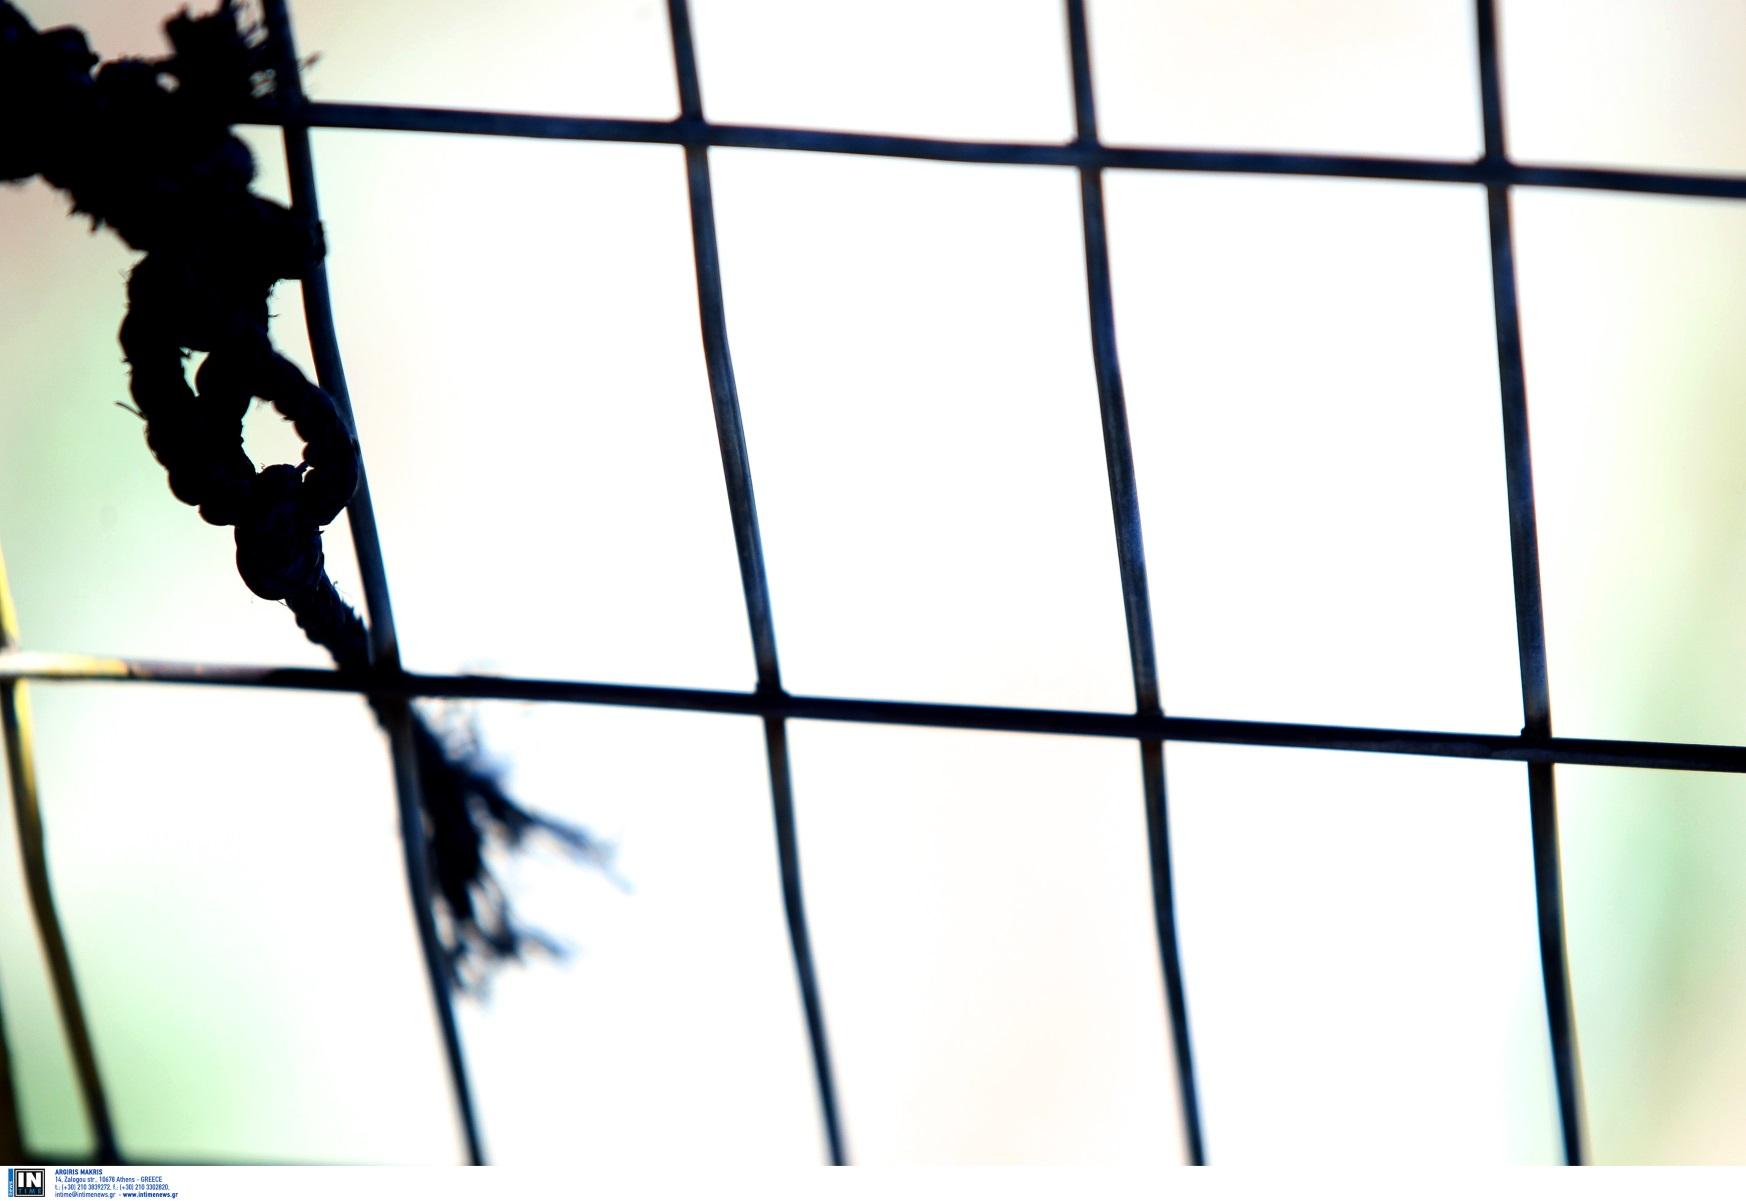 Τραγωδία στην Πάτρα: 58χρονος κρεμάστηκε στο δωμάτιο του σπιτιού του